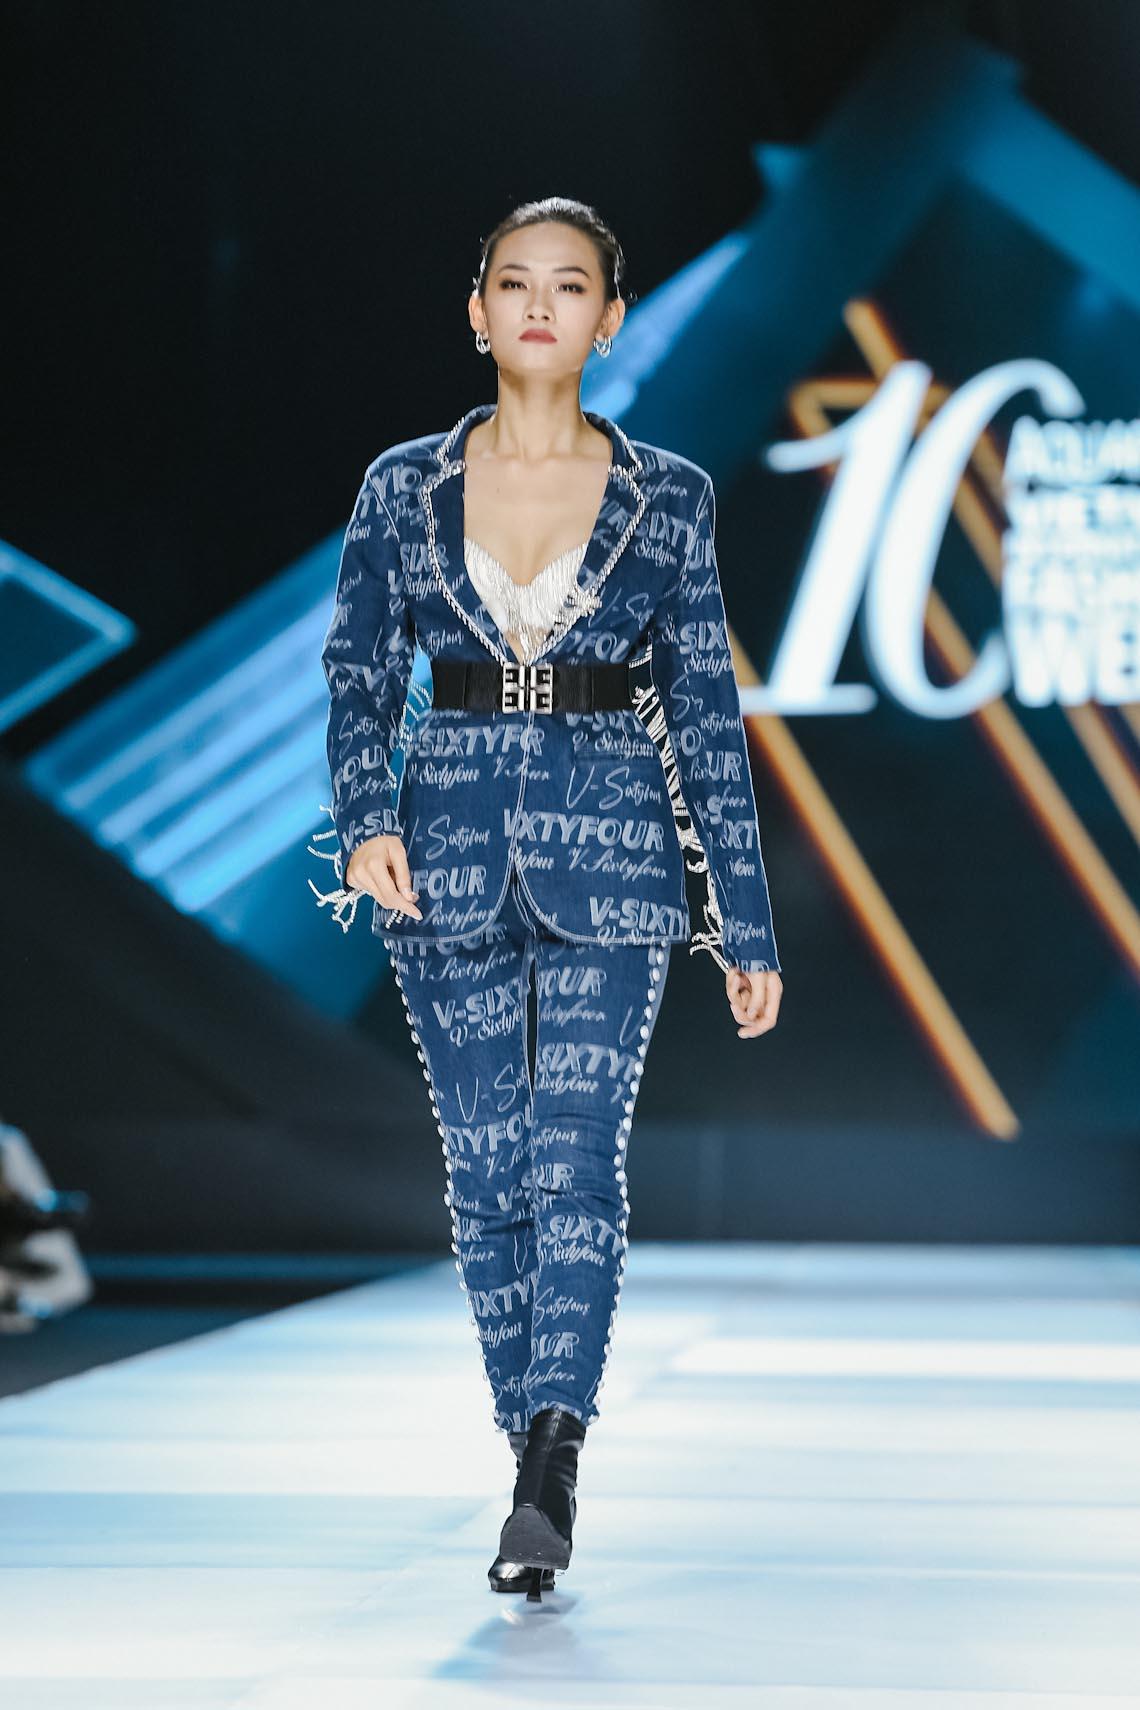 Tuần lễ Thời trang Quốc tế Việt Nam Thu Đông 2019 chính thức mở màn - 7